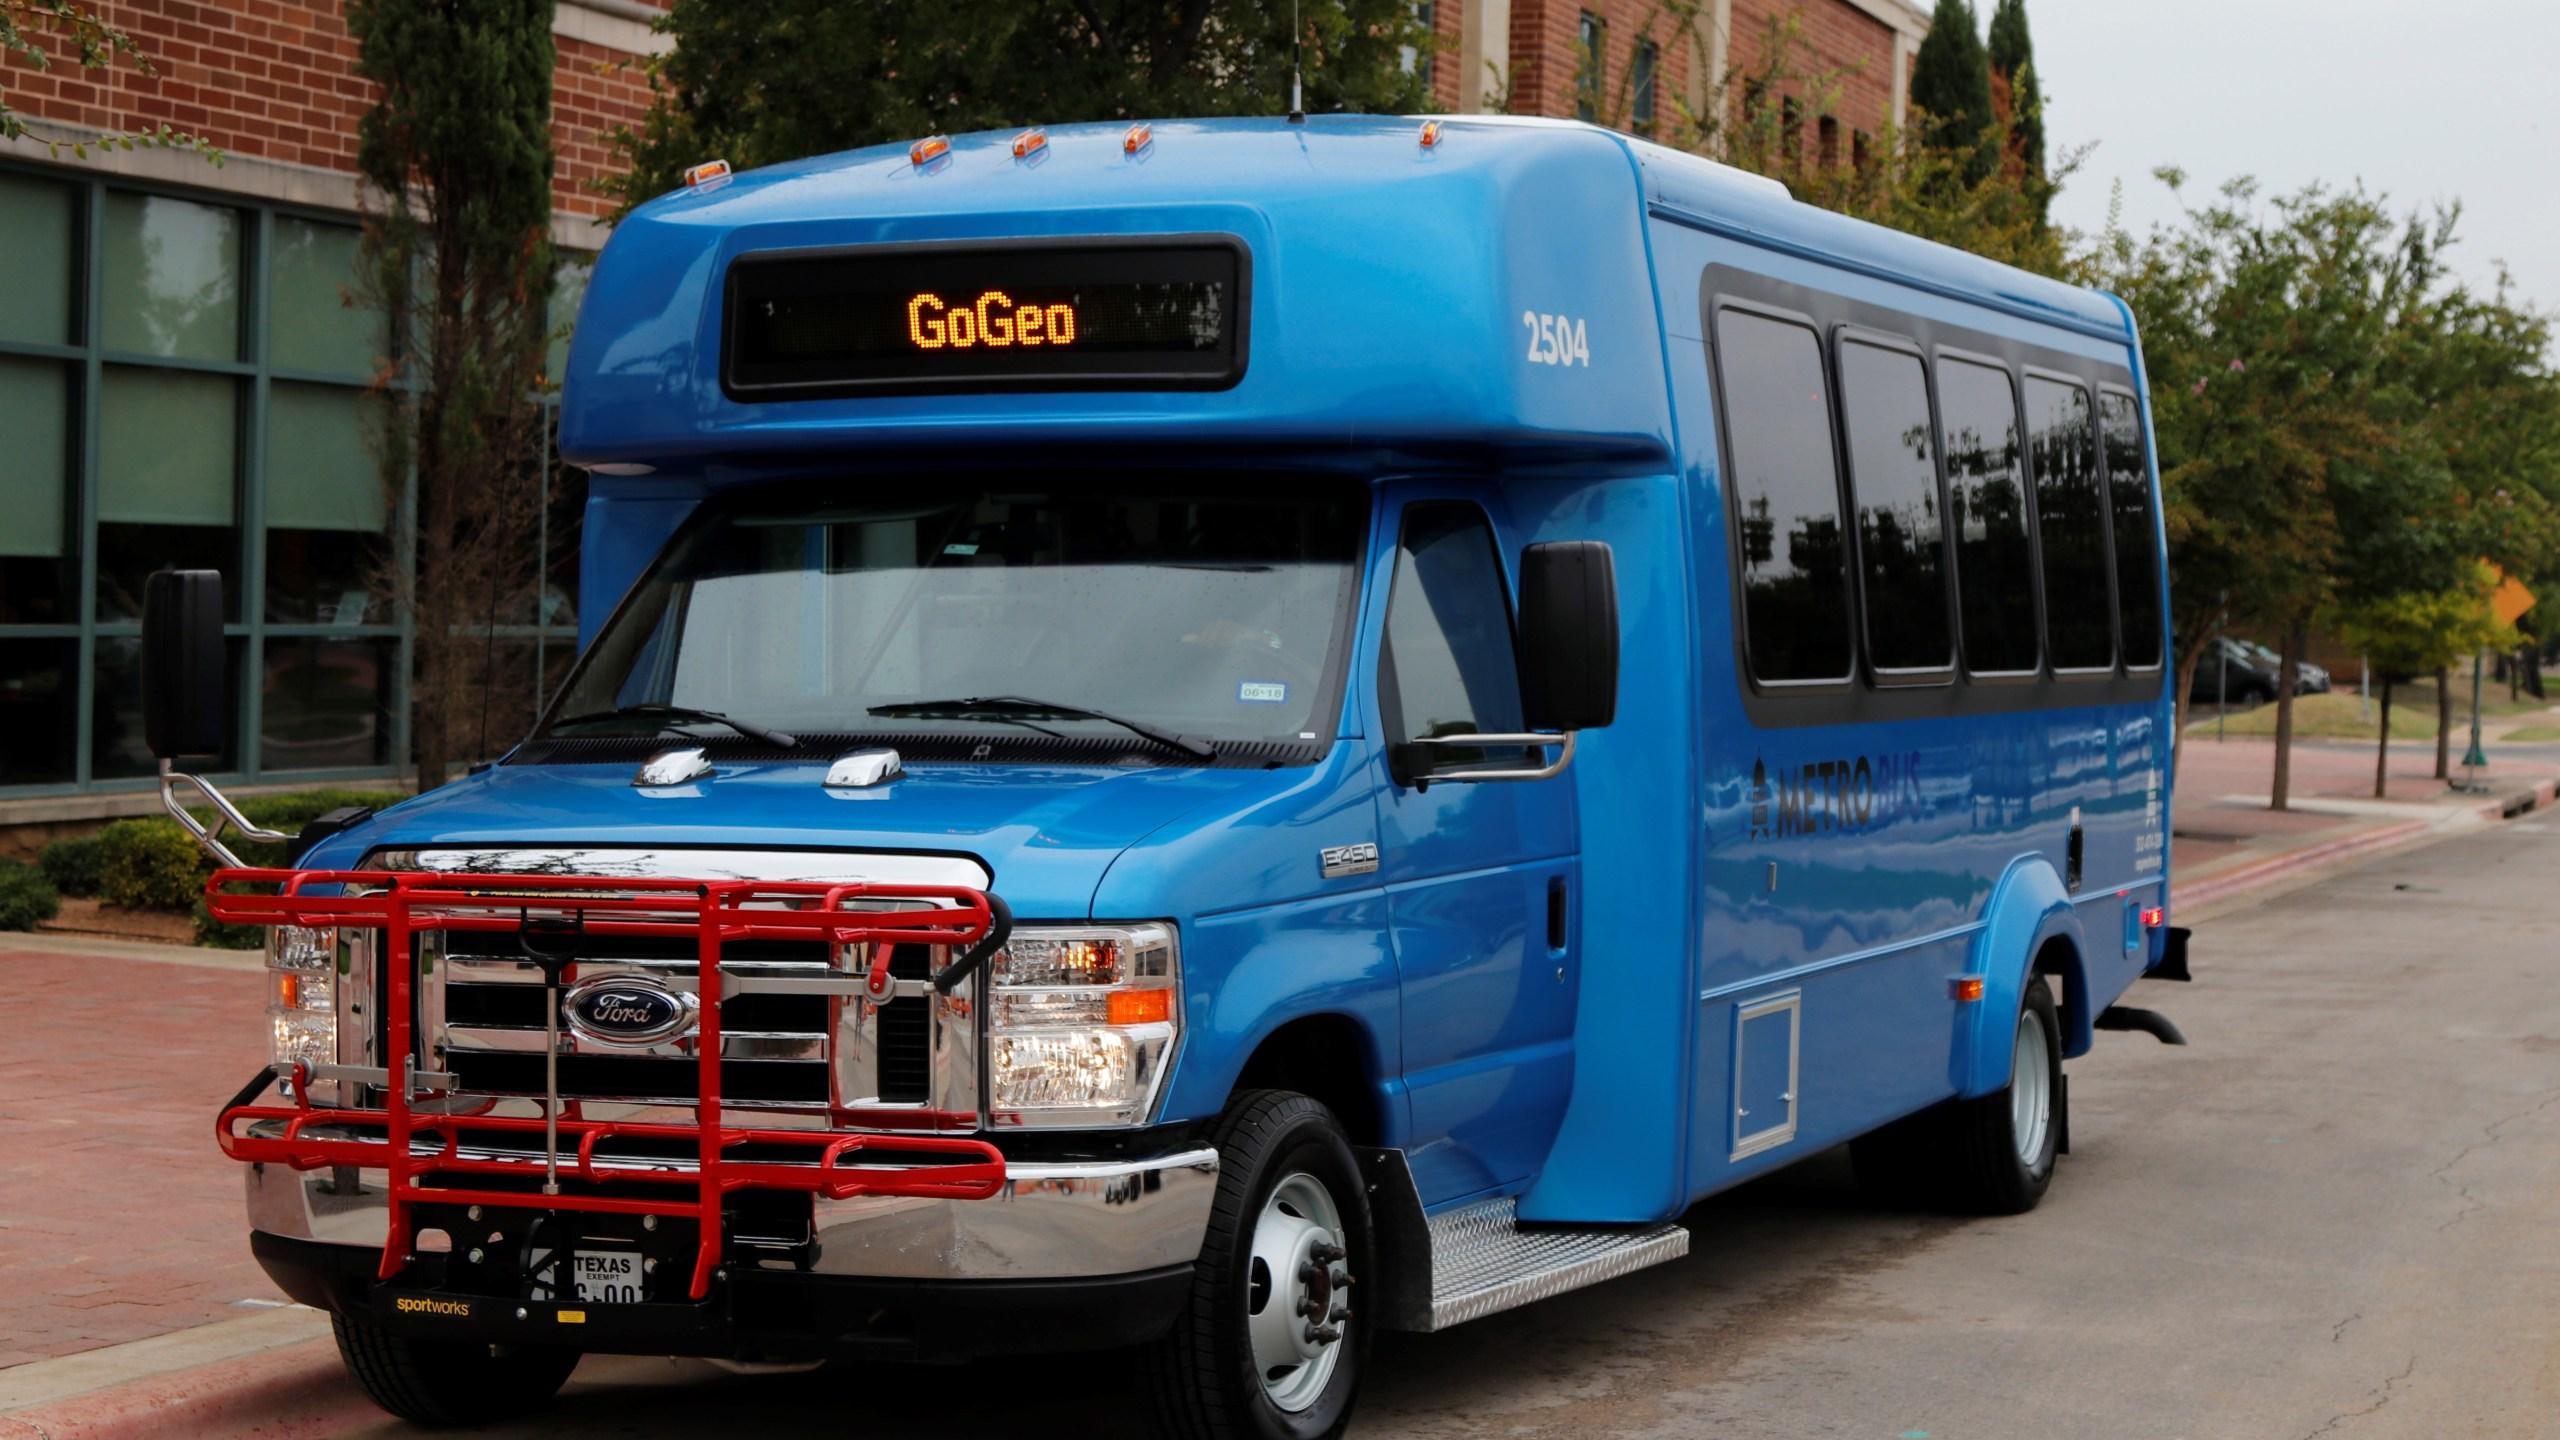 GoGeo Georgetown bus_527809